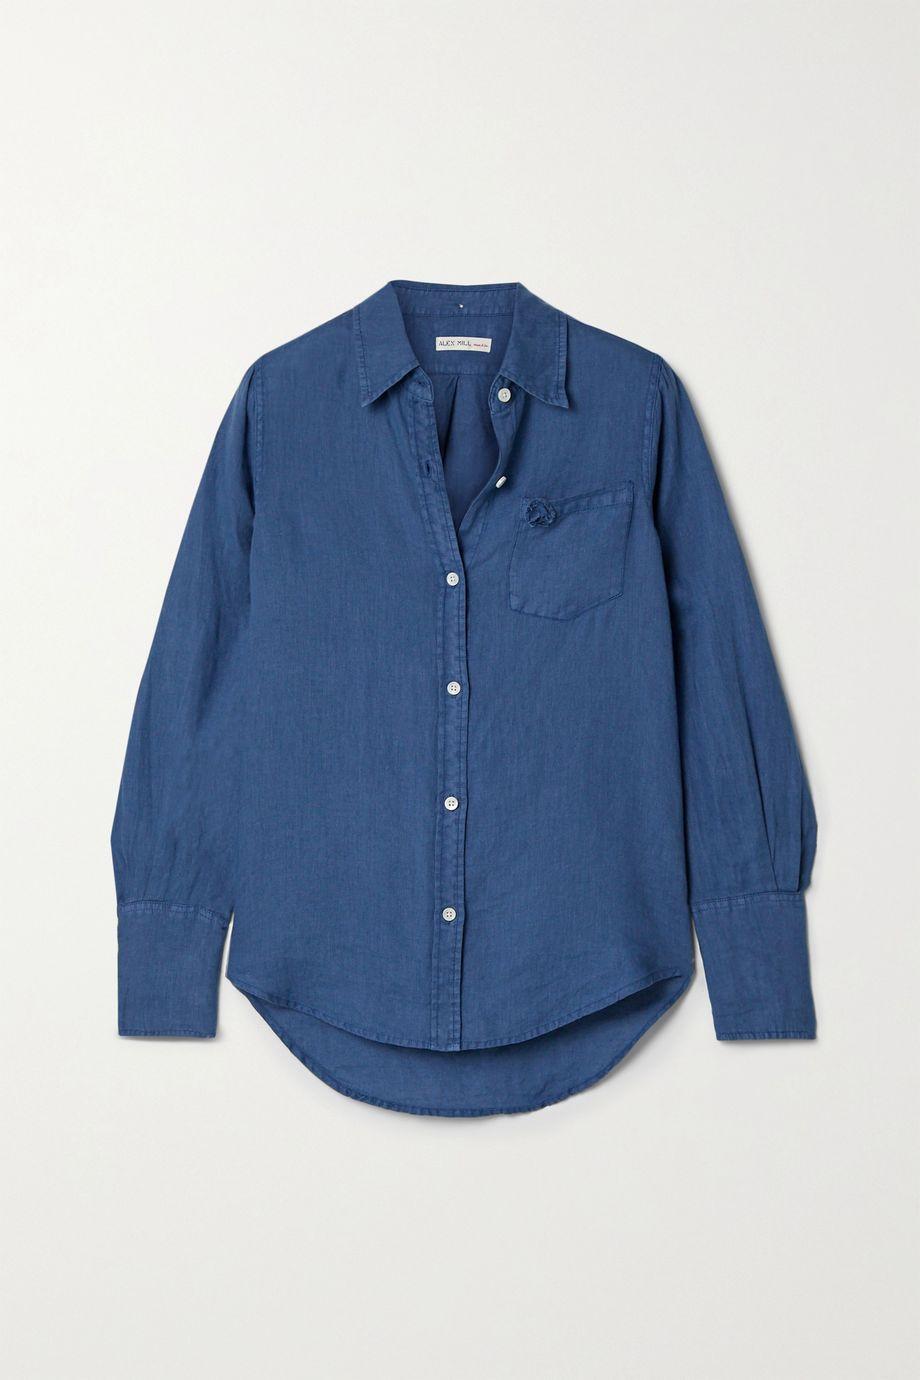 Alex Mill Standard linen shirt